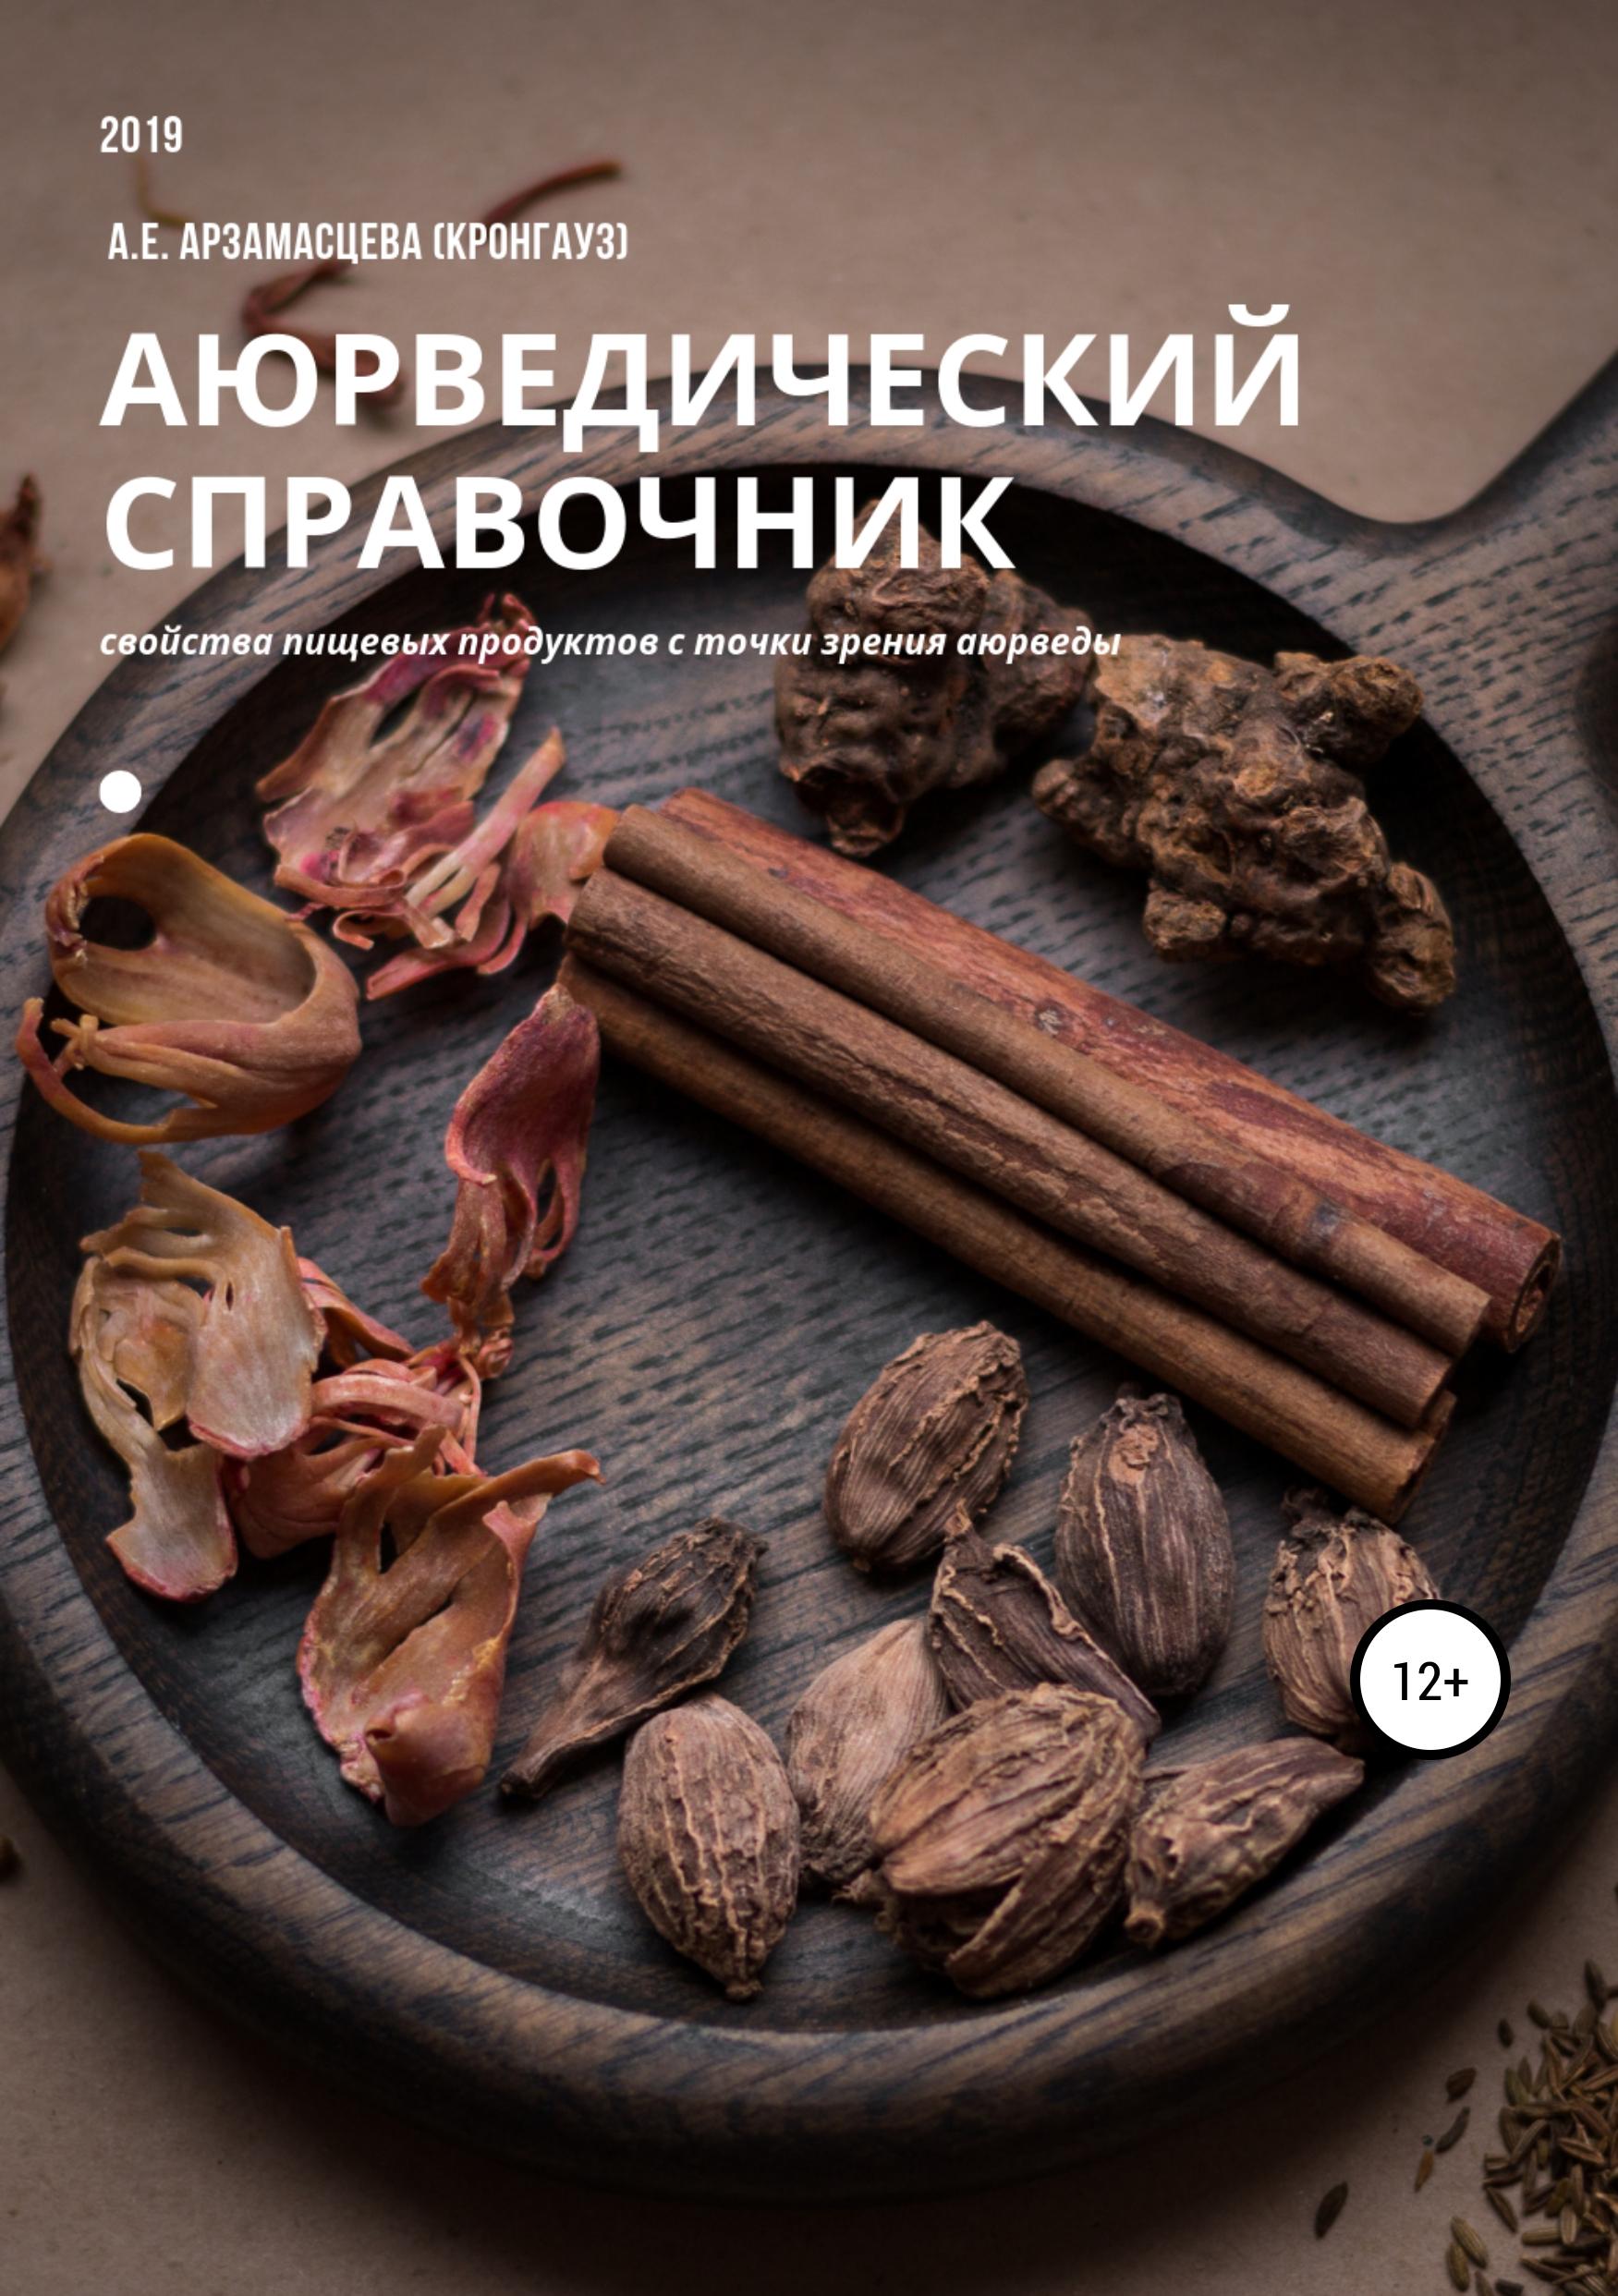 Купить книгу Аюрведический справочник продуктов питания, автора